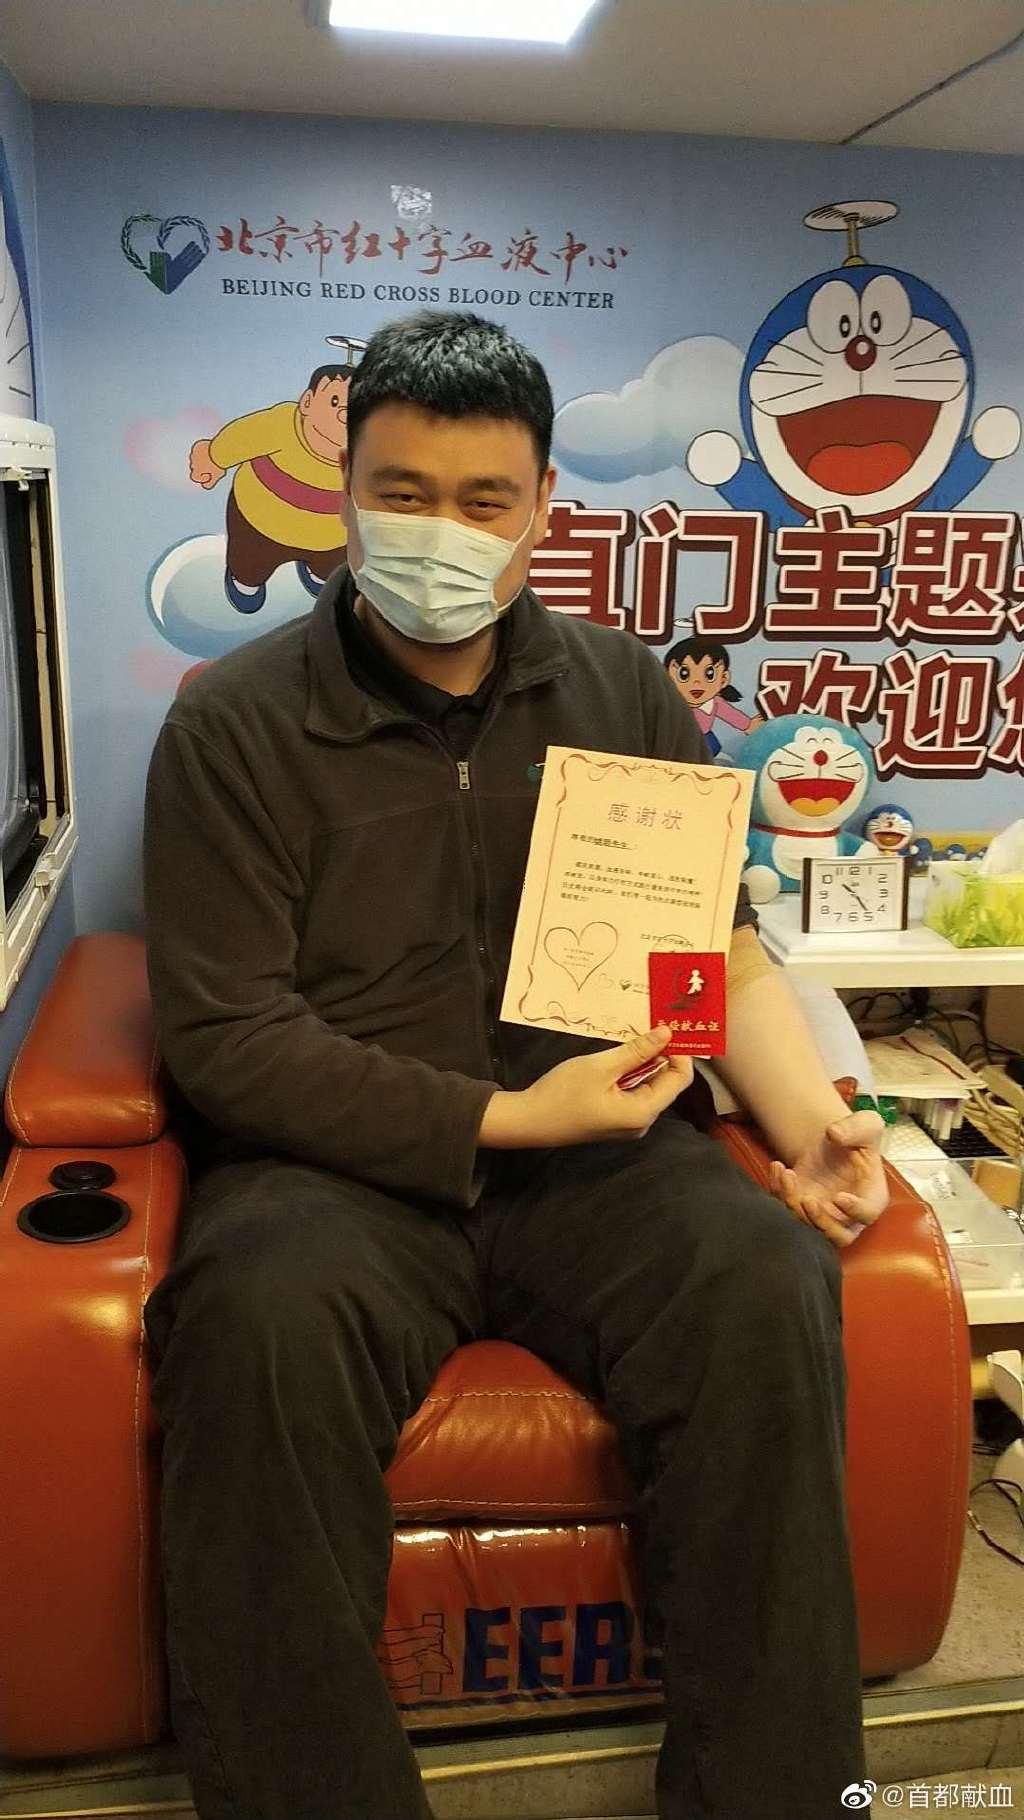 篮协工作人员支援抗疫参与献血 姚明带头献血400毫升